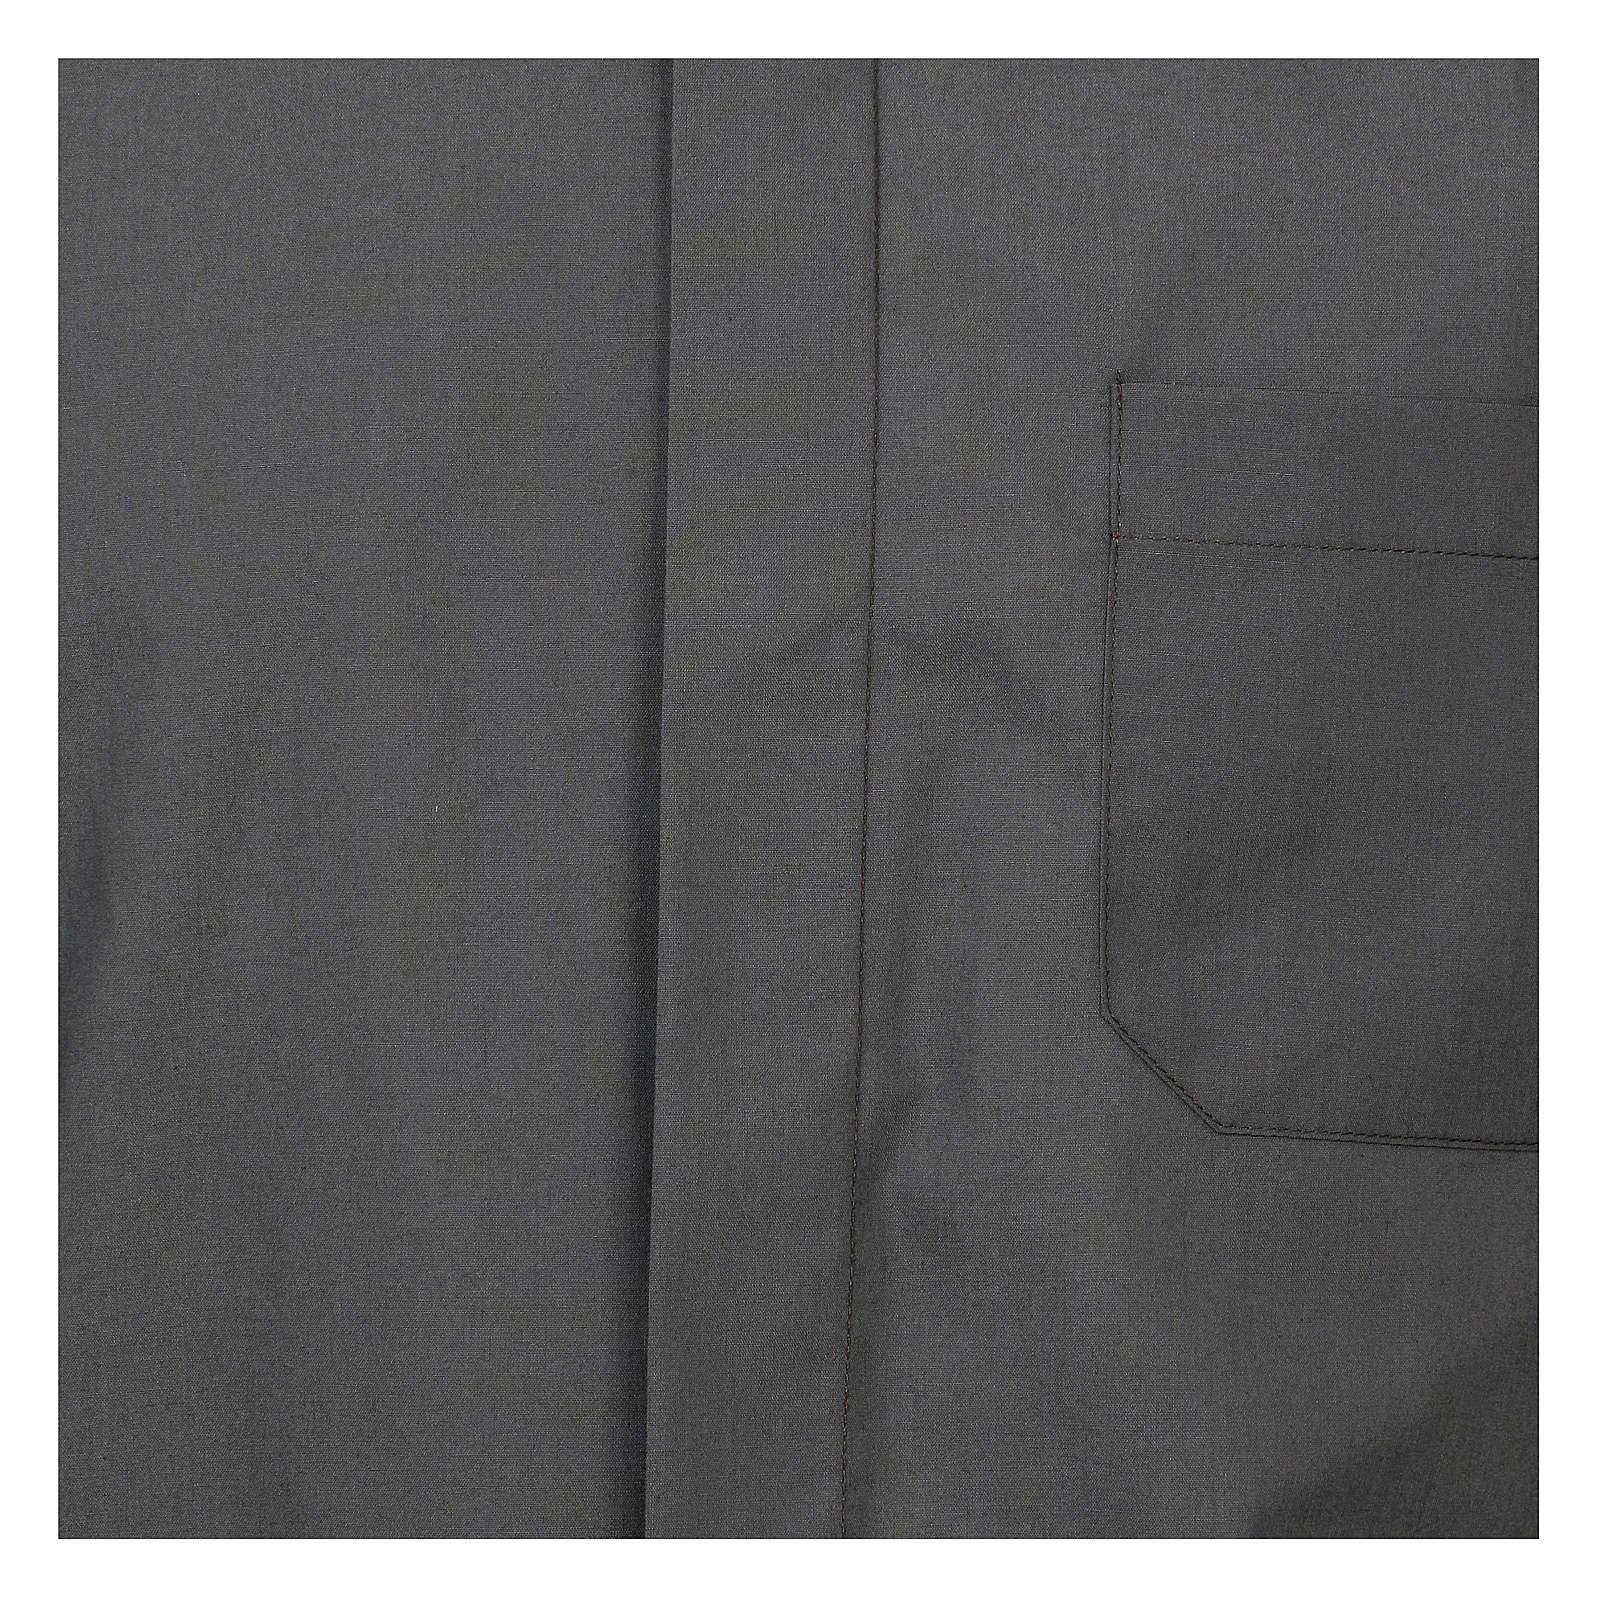 Camicia collo romano Grigio Scuro tinta unita M. Lunga 4